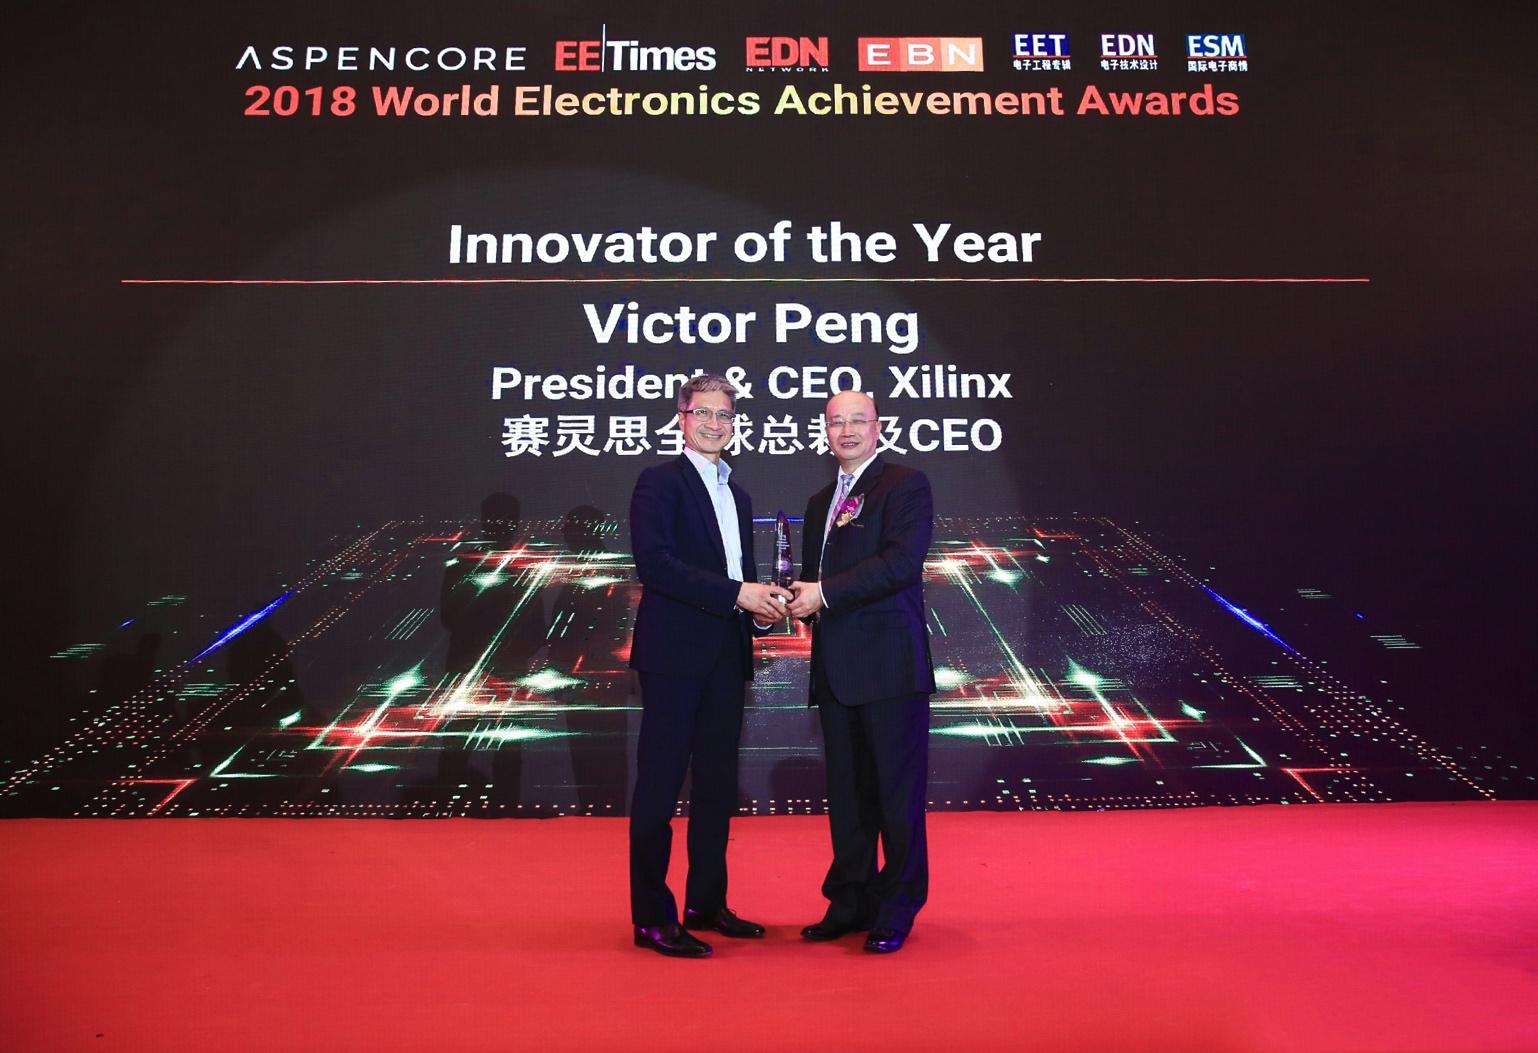 赛灵思总裁兼CEO Victor Peng 荣膺 ASPENCORE全球电子成就奖之年度创新人物奖